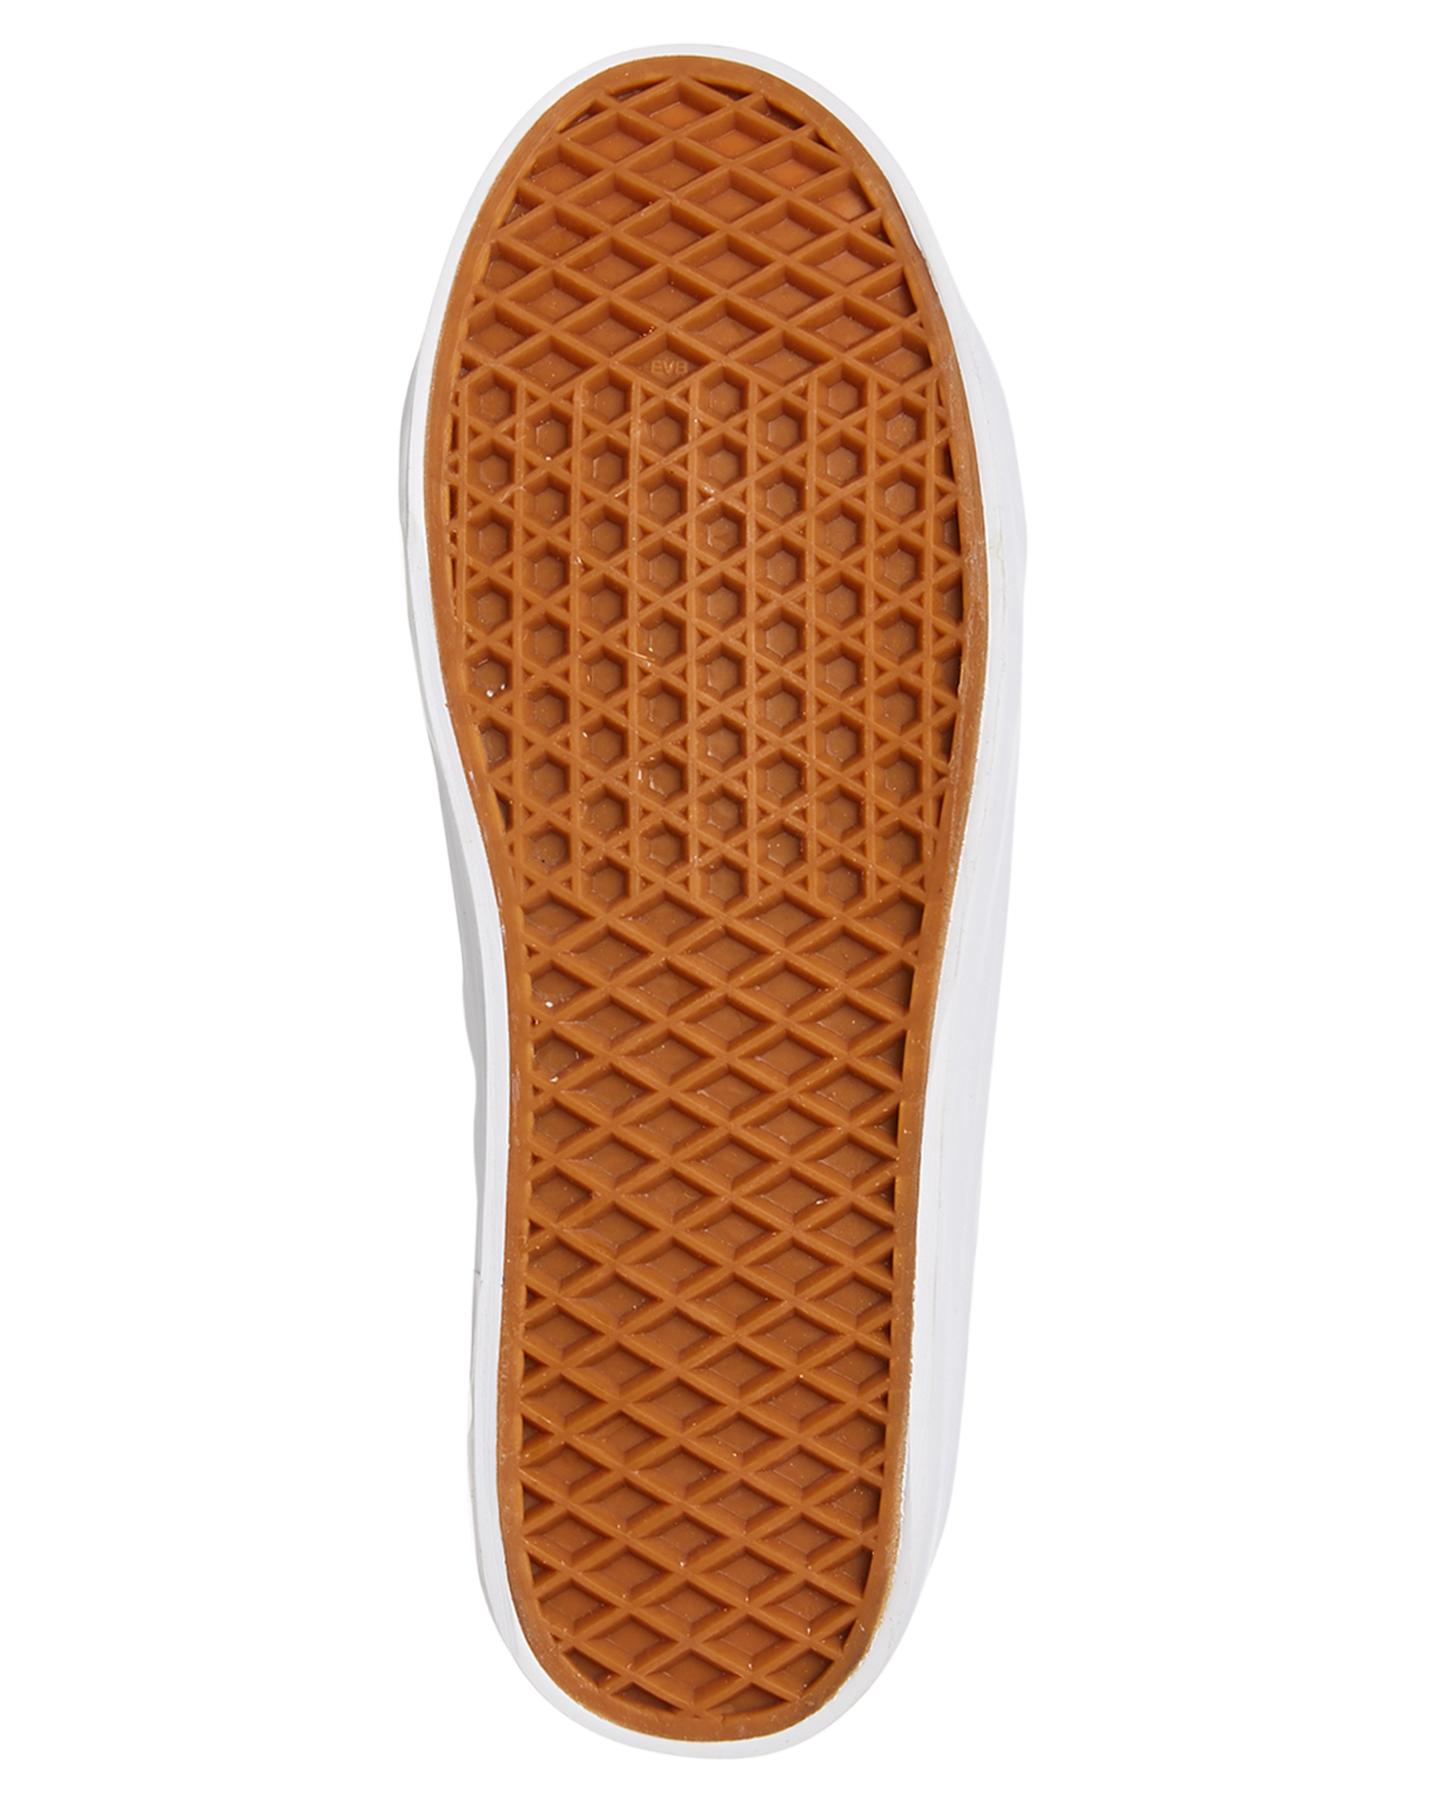 New-Human-Footwear-Women-039-s-Womens-Cass-Shoe-Rubber thumbnail 7